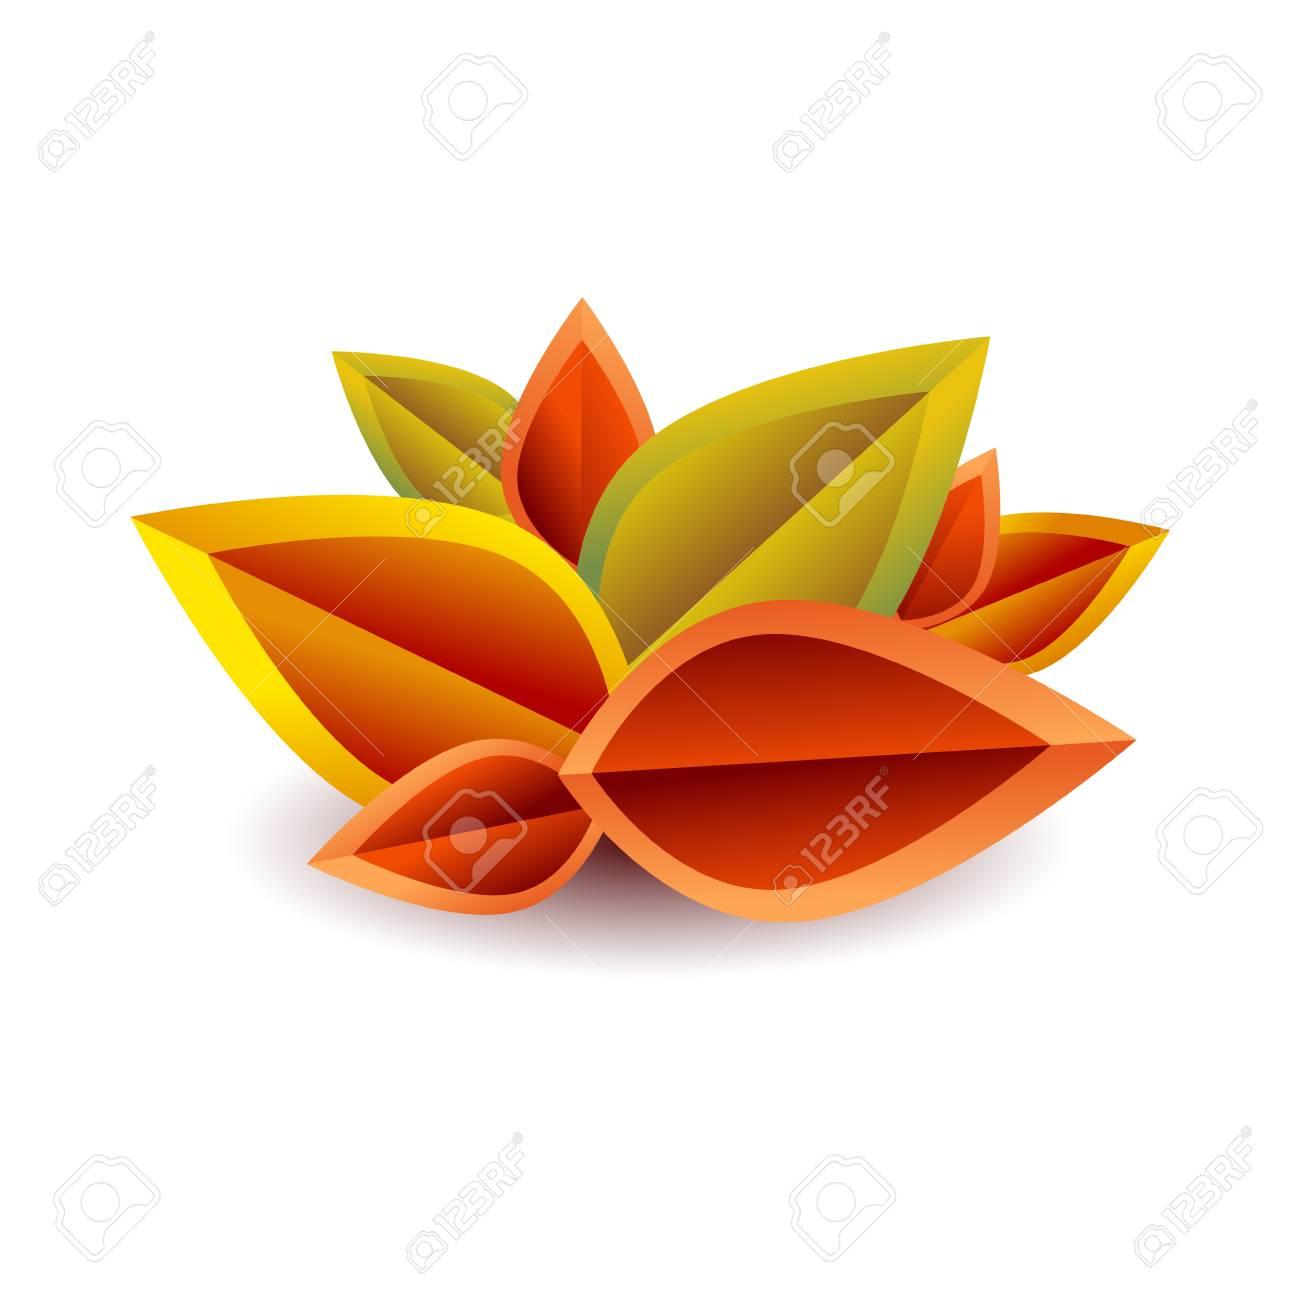 ベクトル枯れ葉秋の背景のイラスト素材ベクタ Image 57146492